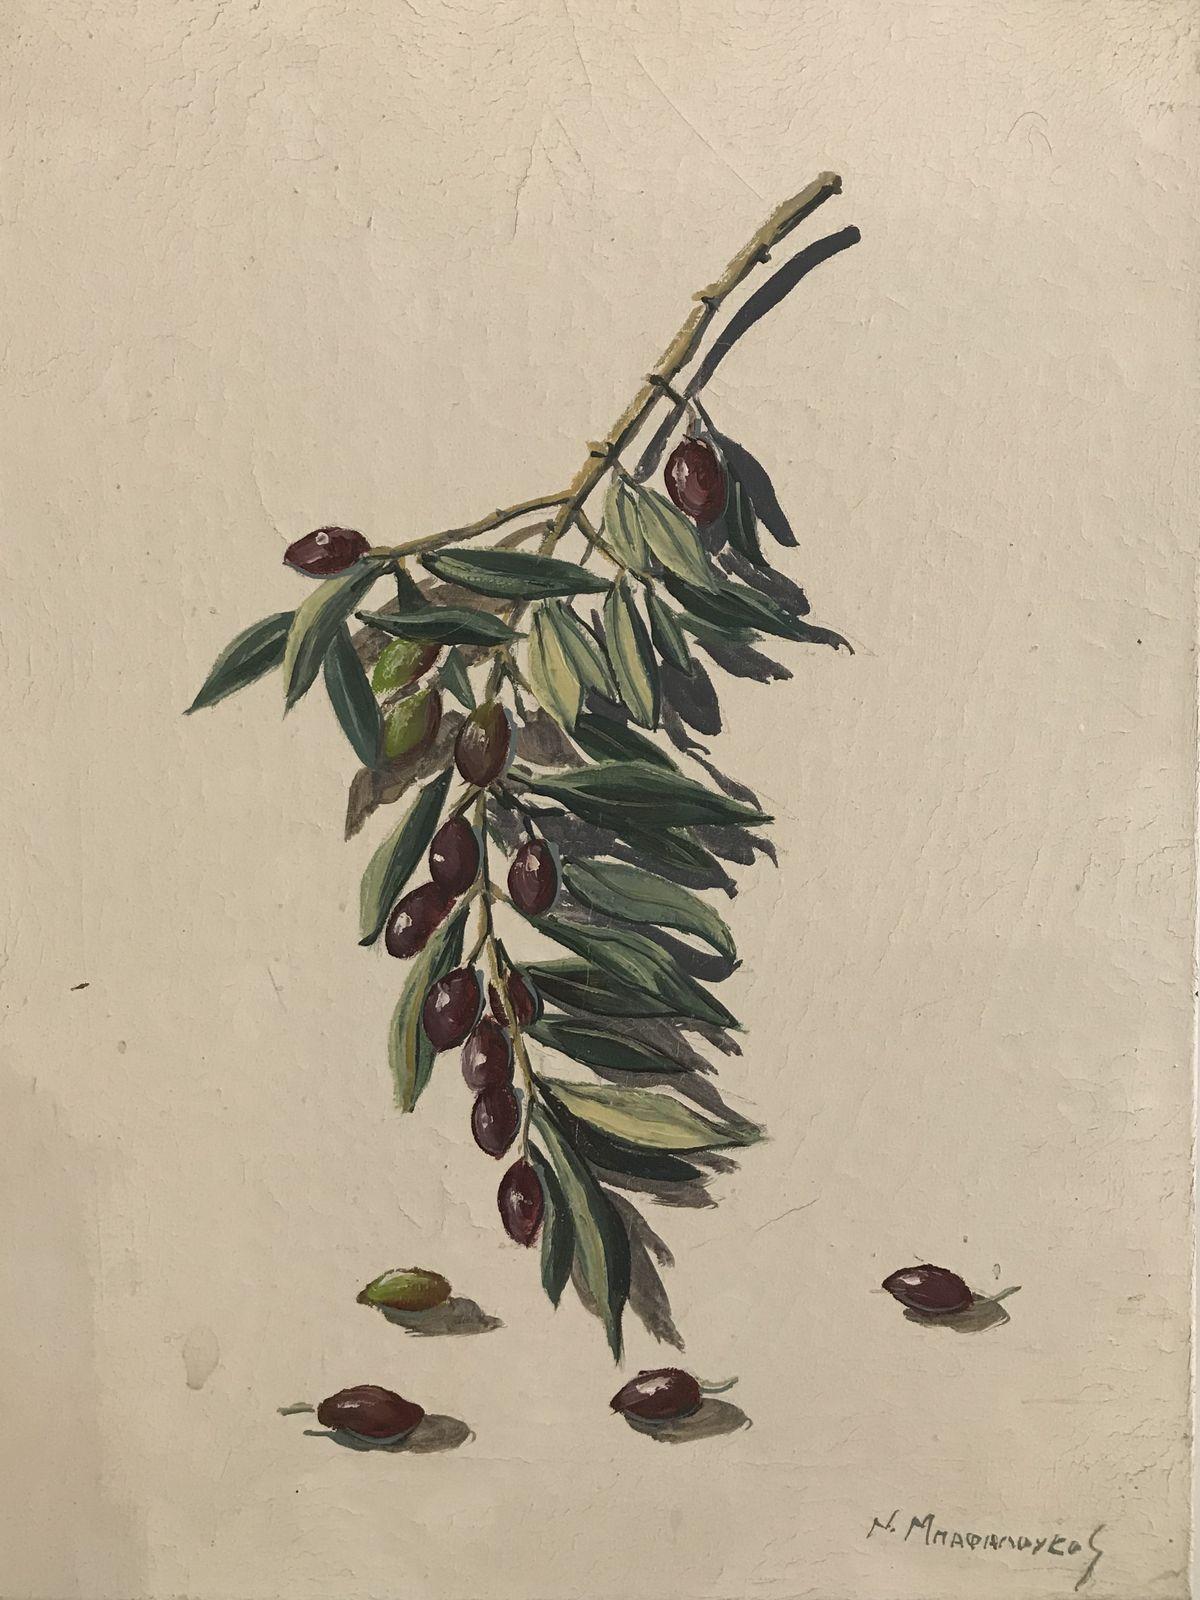 Νικόλας Μπαφαλούκος 30×40 εκ. Ακρυλικά σε καμβά Nicholas Bafaloukos 30×40 cm Acrylics on canvas (1)